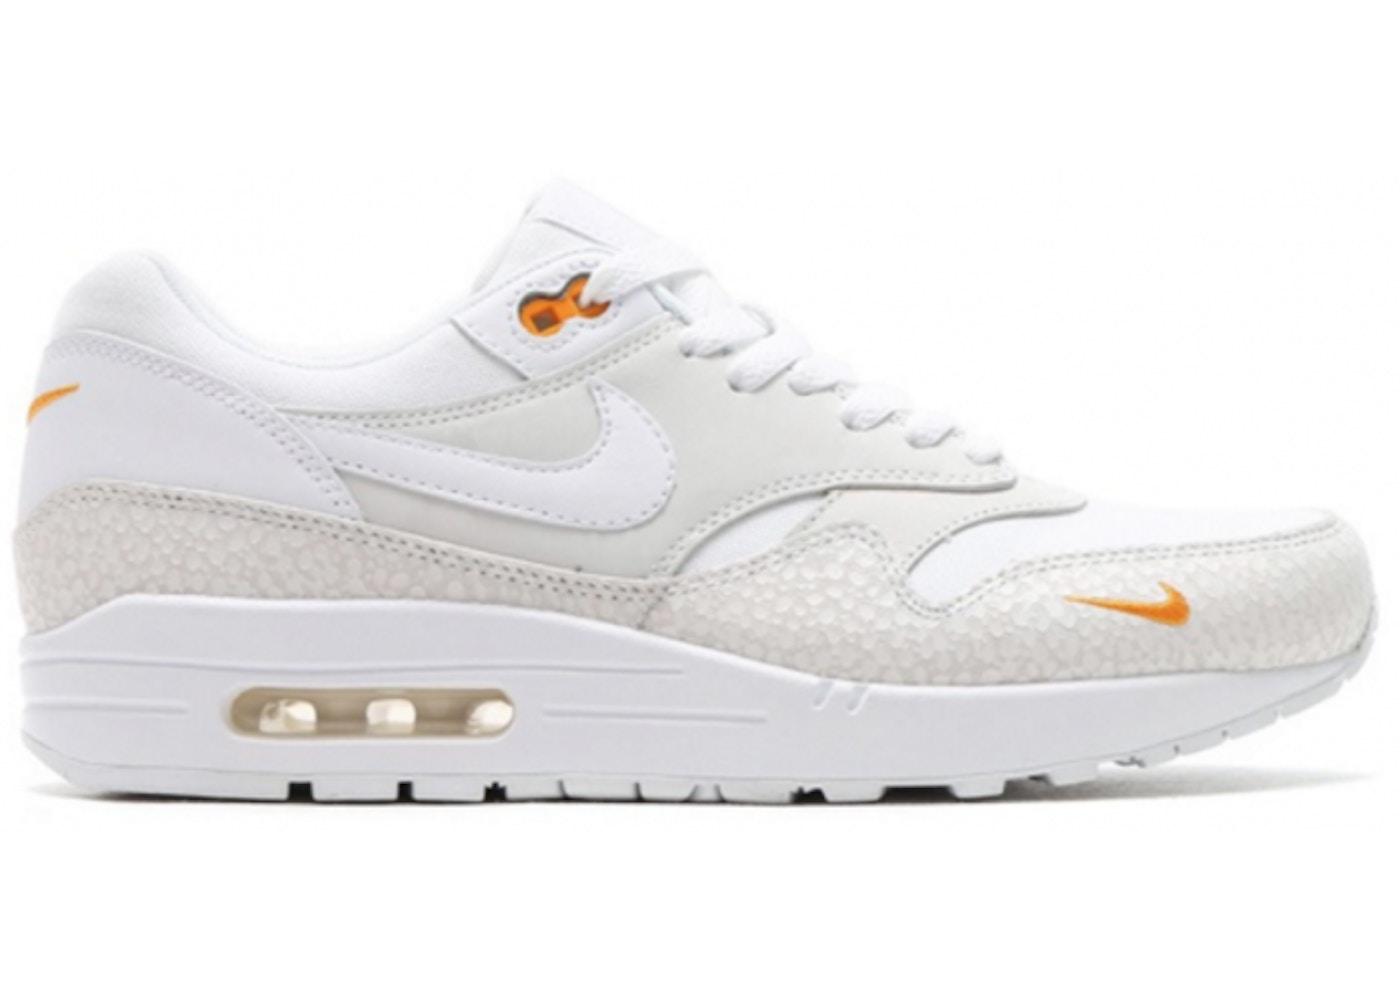 9454f76104be52 Air Max 1 White Kumquat - 512033-110